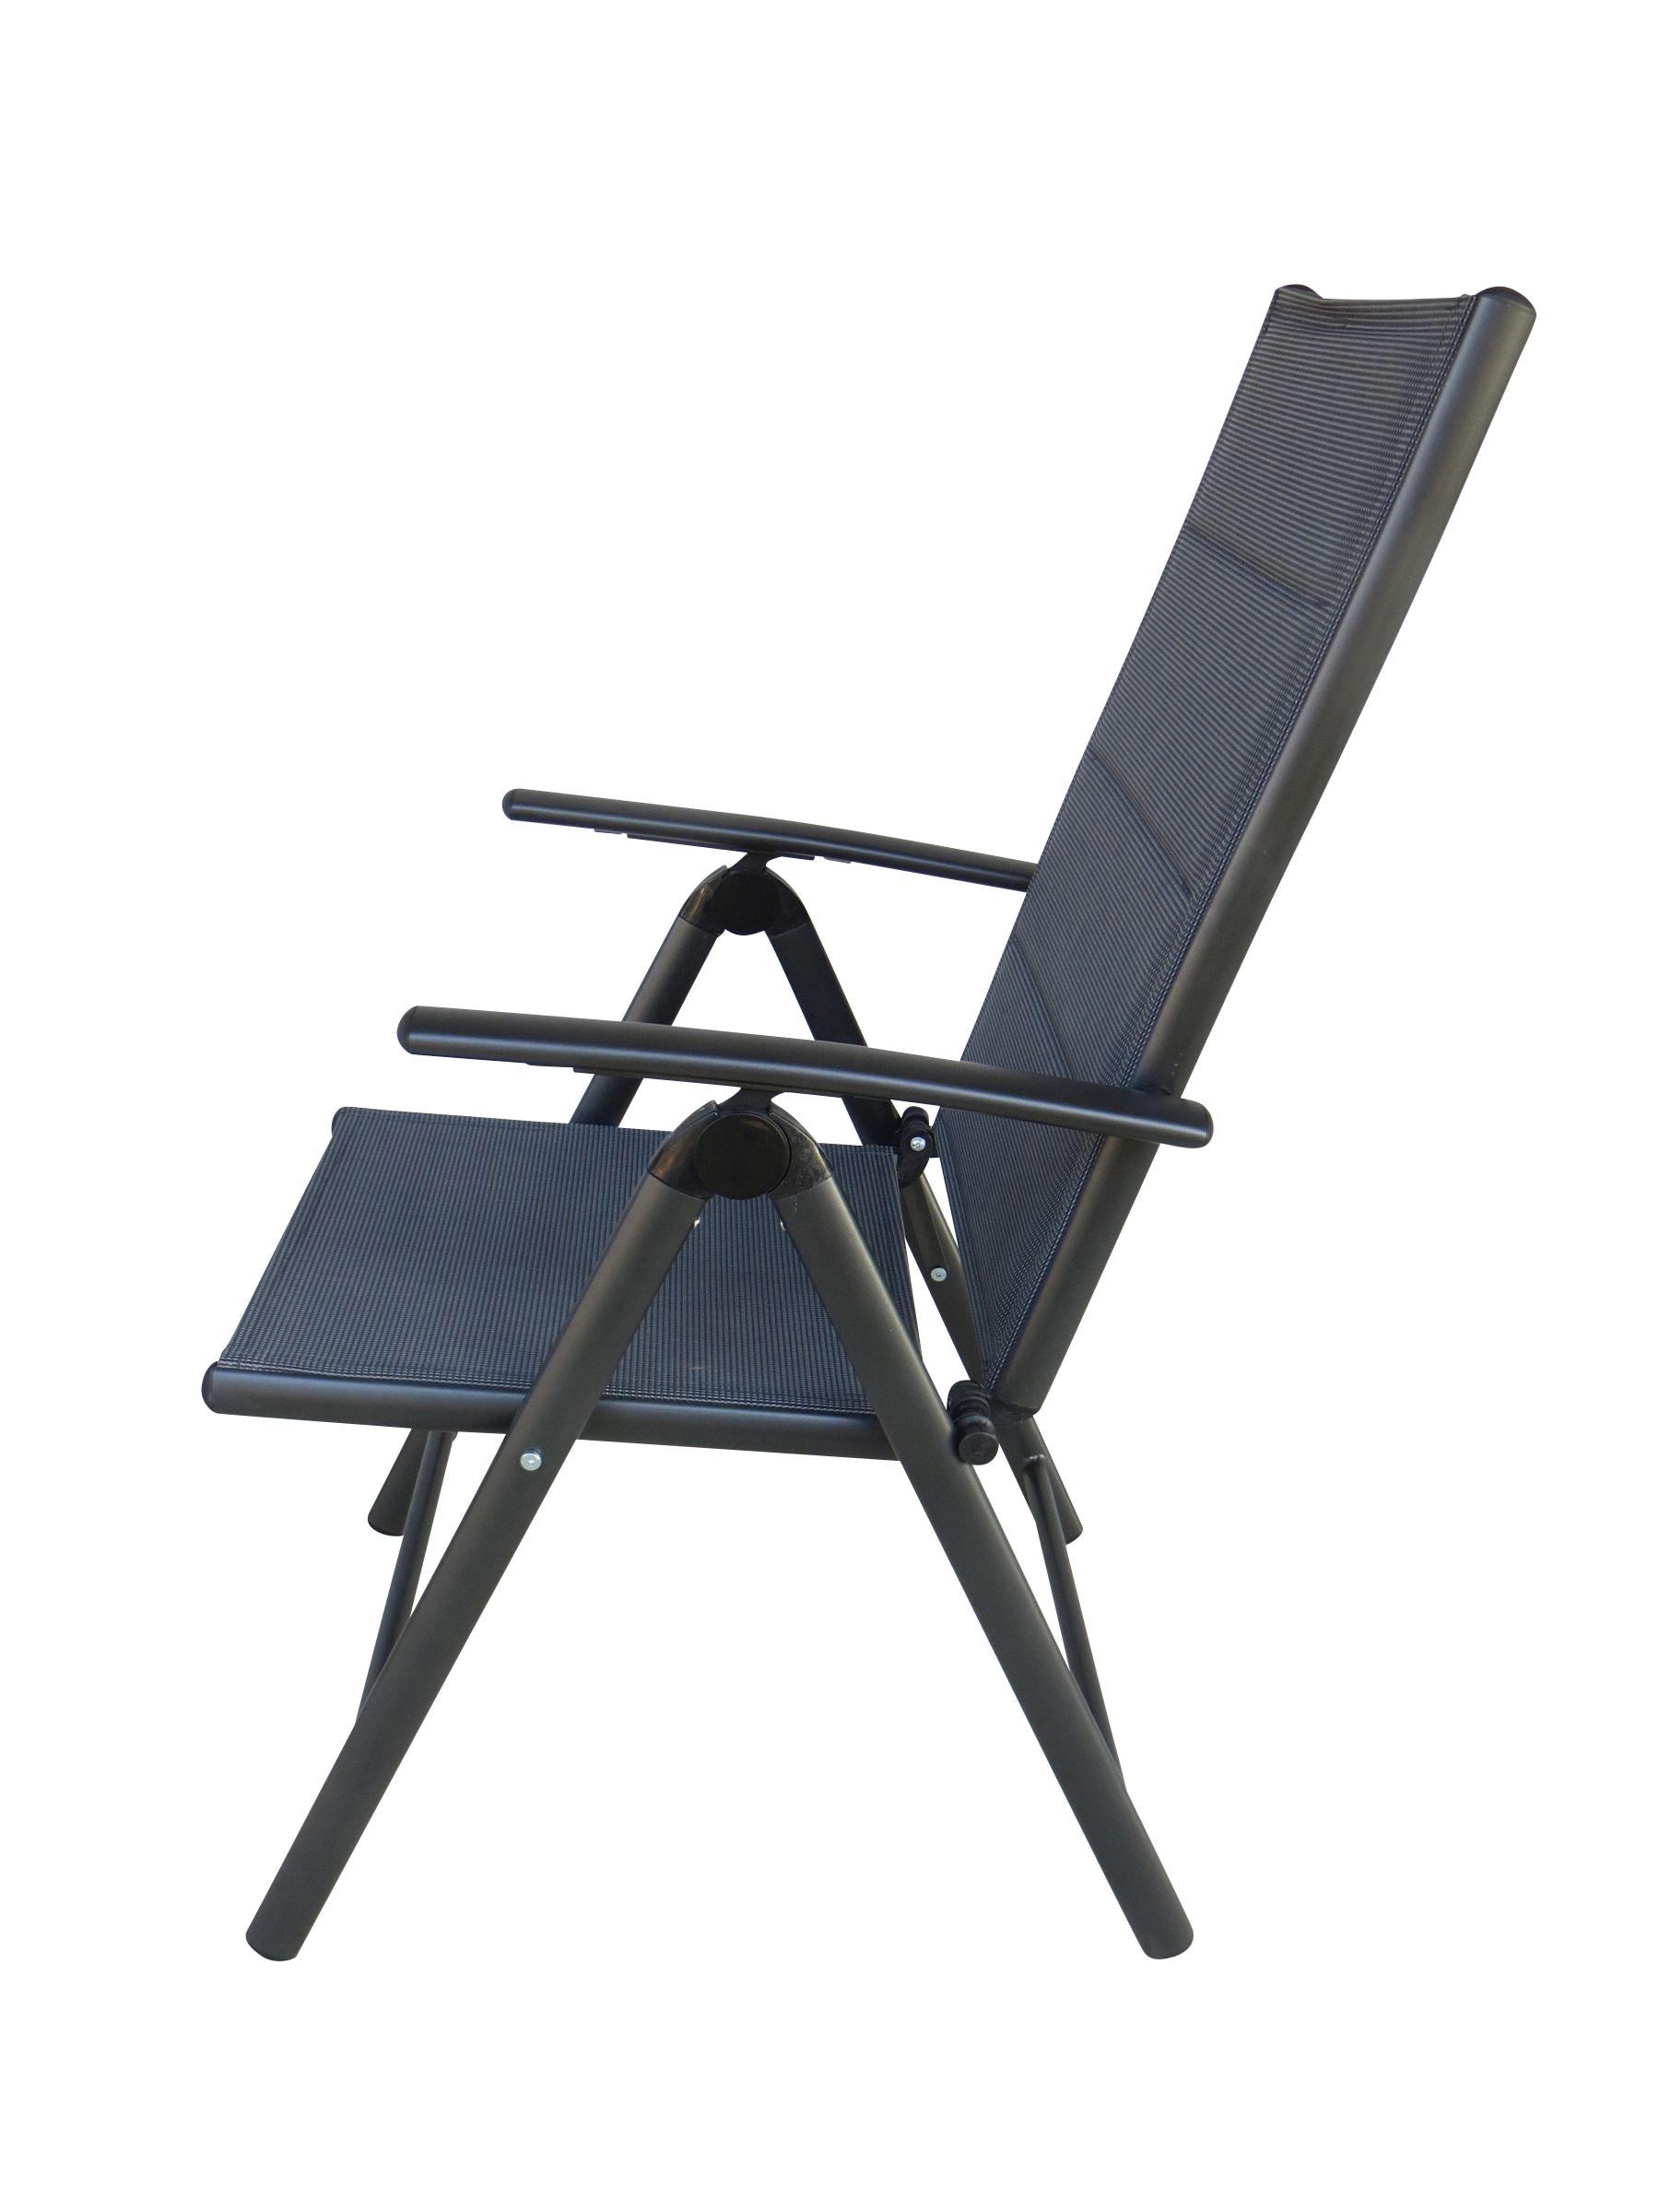 jay alu gartenm bel set sitzgarnitur 7tlg anthrazit. Black Bedroom Furniture Sets. Home Design Ideas